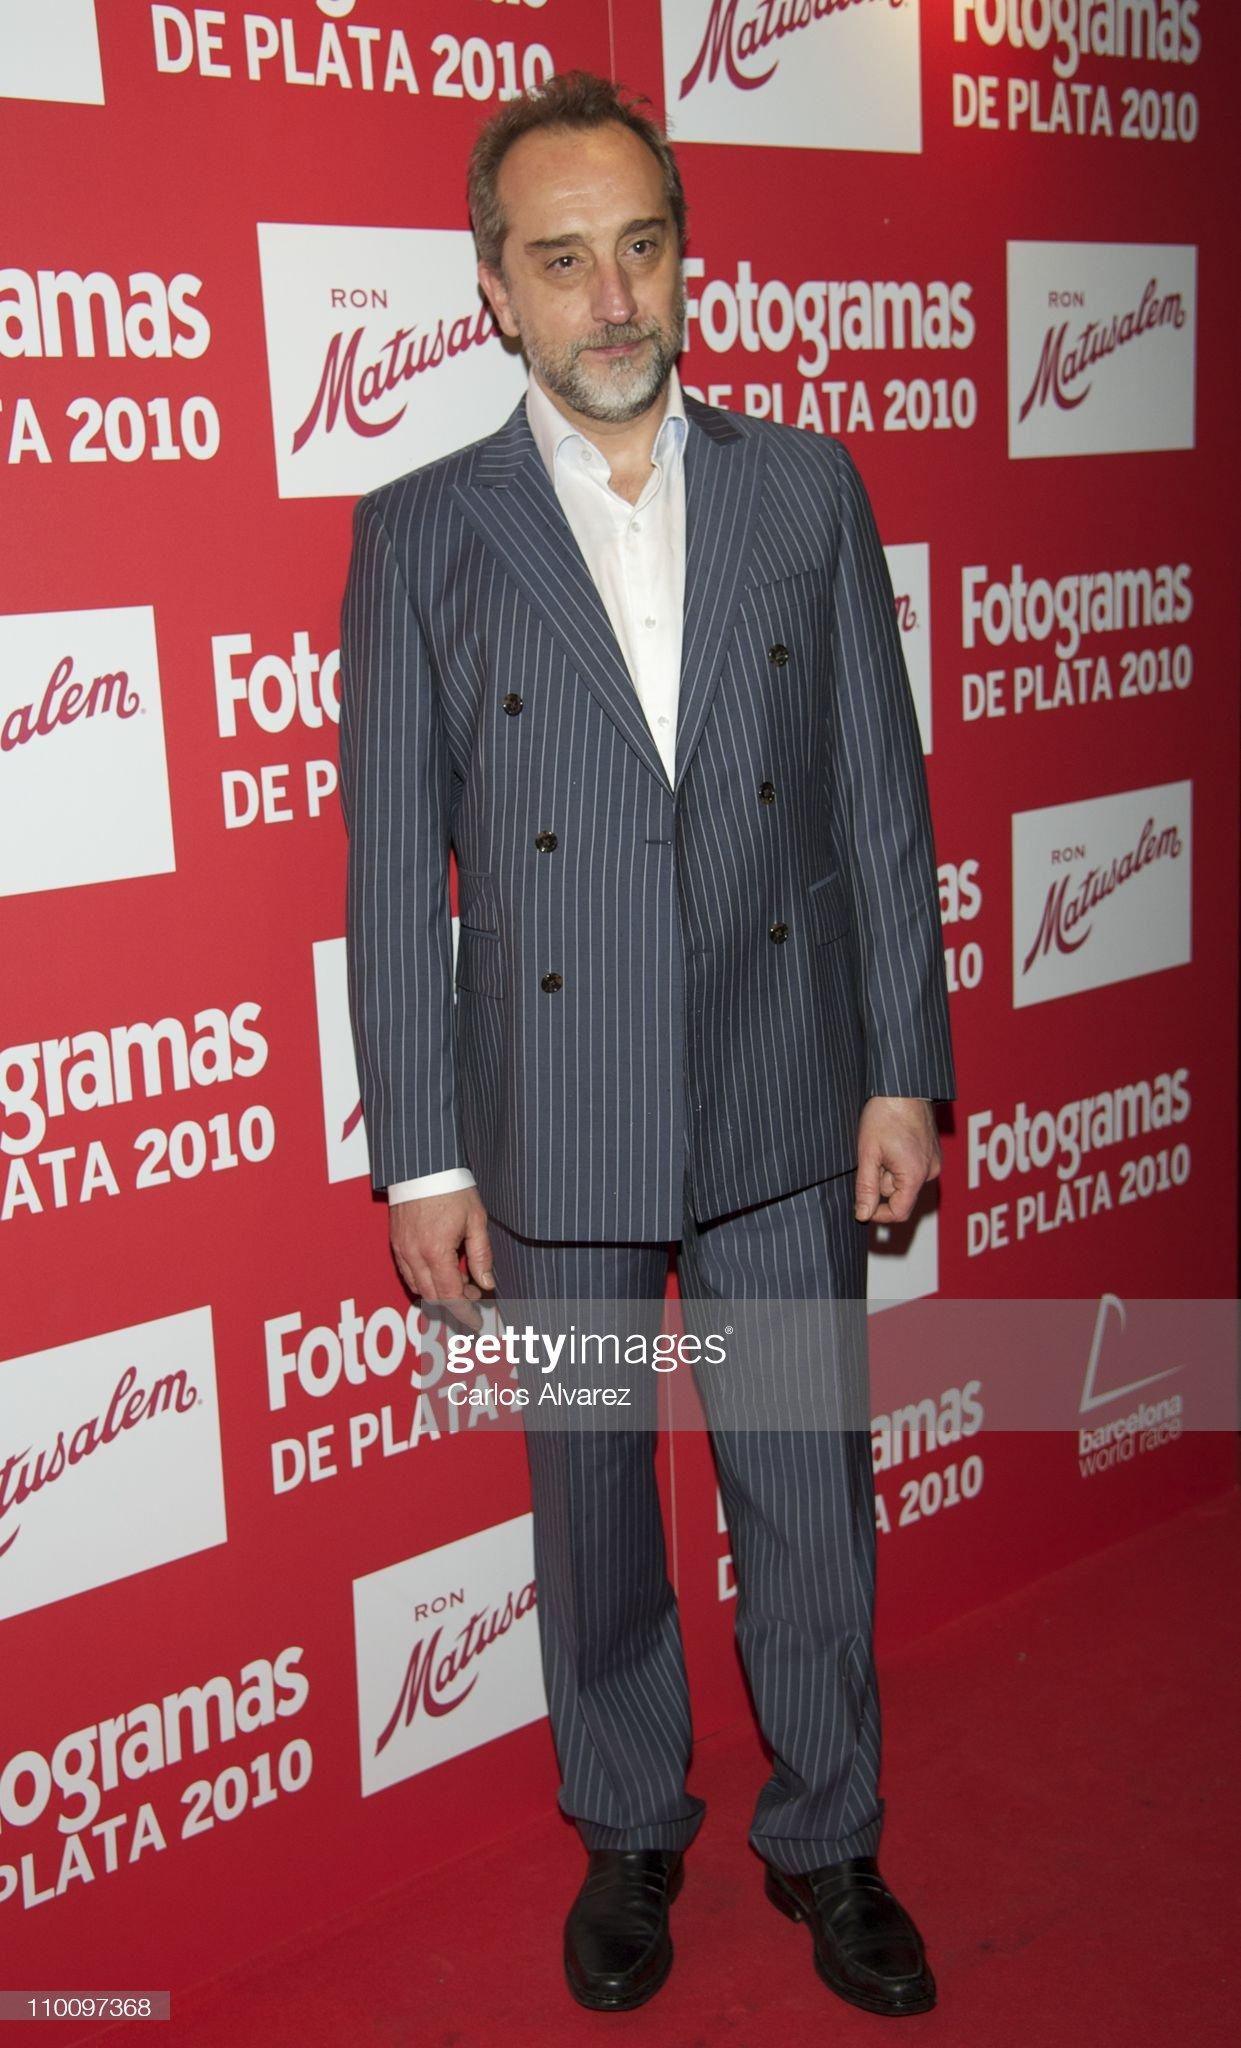 ¿Cuánto mide Gonzalo de Castro? (Actor) - Altura Spanish-actor-gonzalo-de-castro-attends-fotogramas-awards-2010-at-joy-picture-id110097368?s=2048x2048